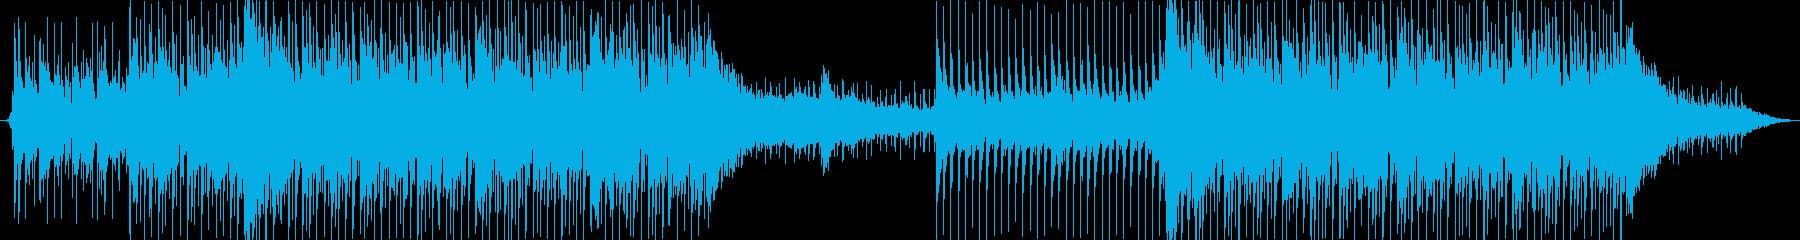 スピーディーな浮遊感 Speedyの再生済みの波形